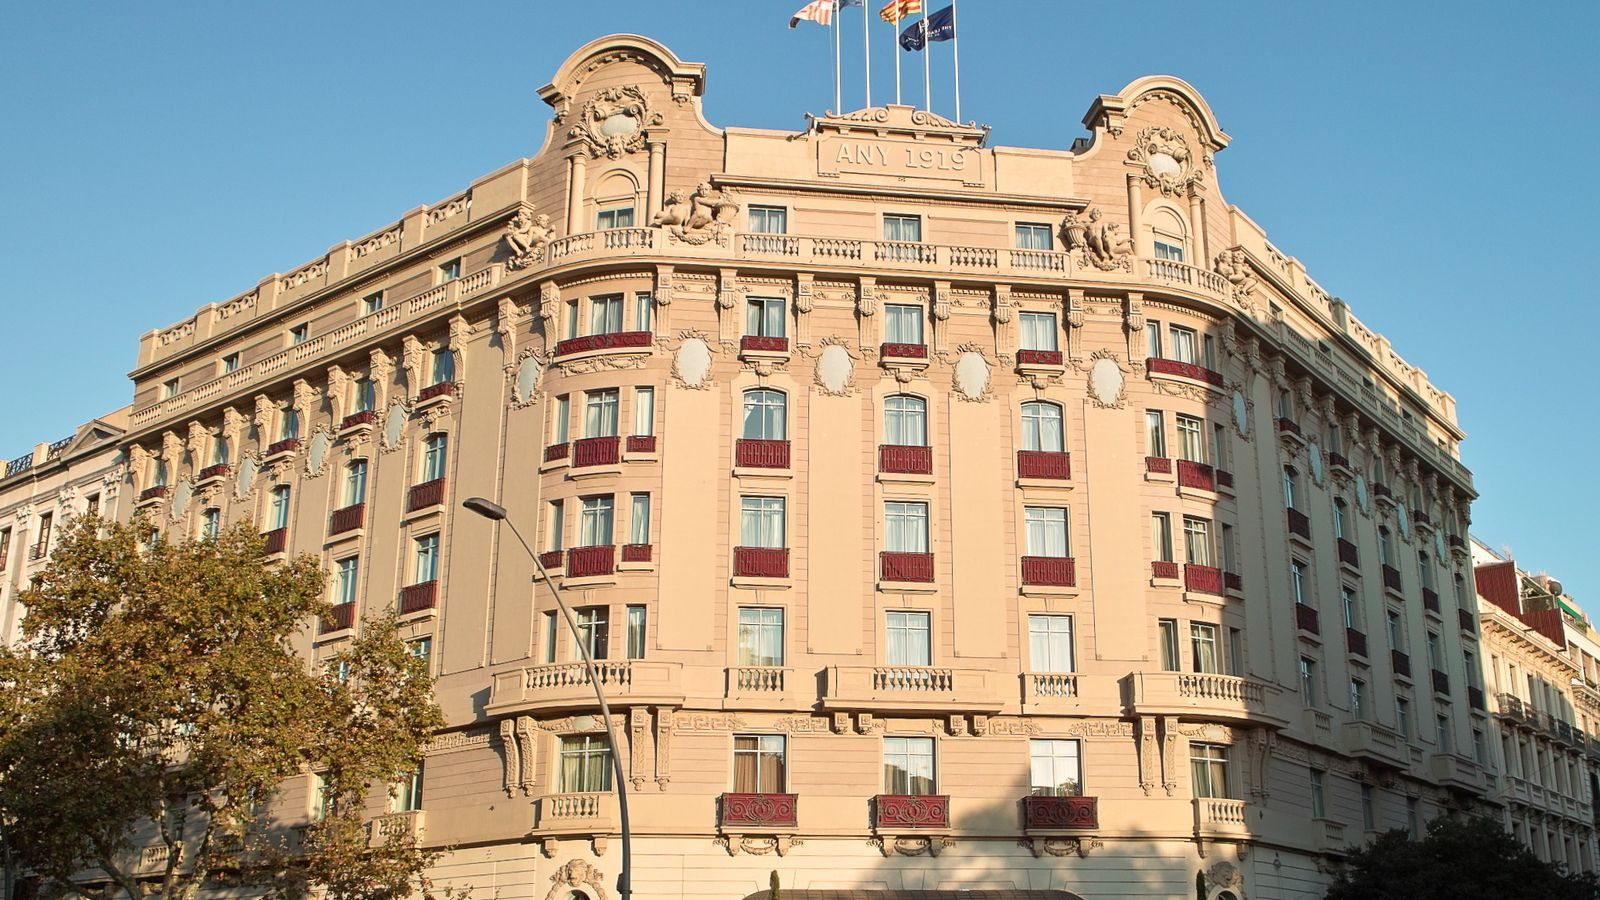 La façana de l'Hotel Palace